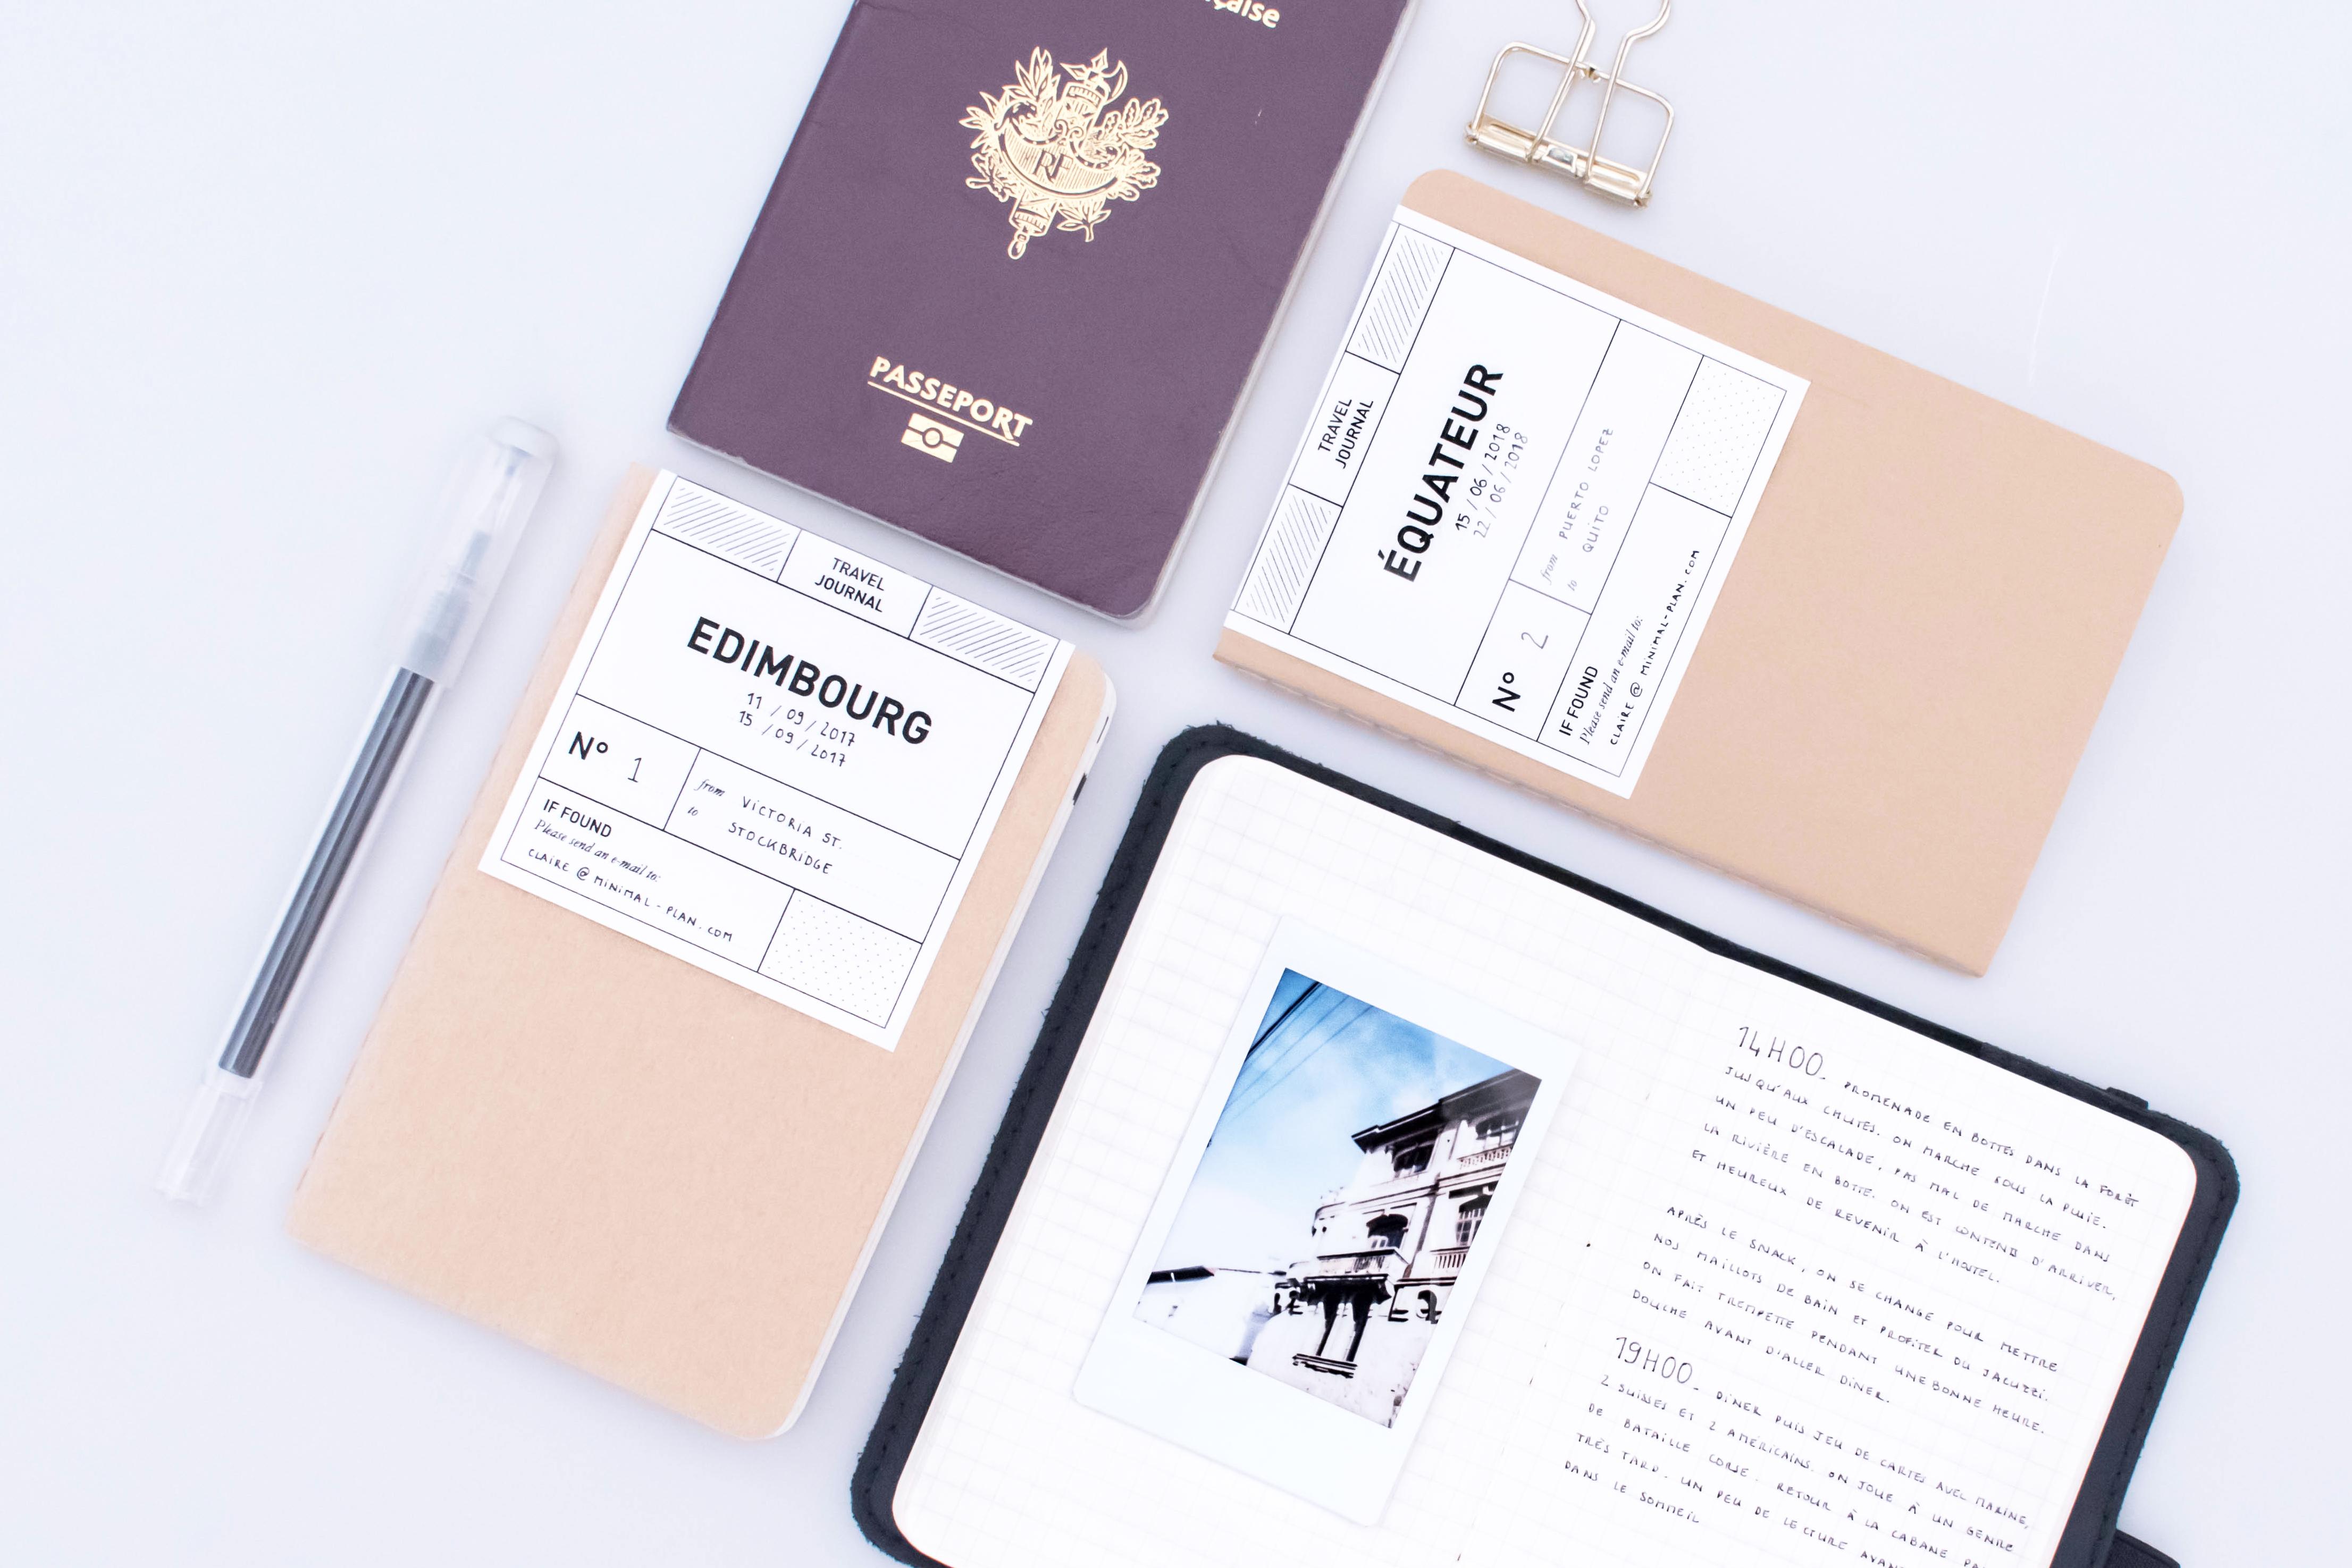 comment faire un carnet de voyage minimal plan. Black Bedroom Furniture Sets. Home Design Ideas